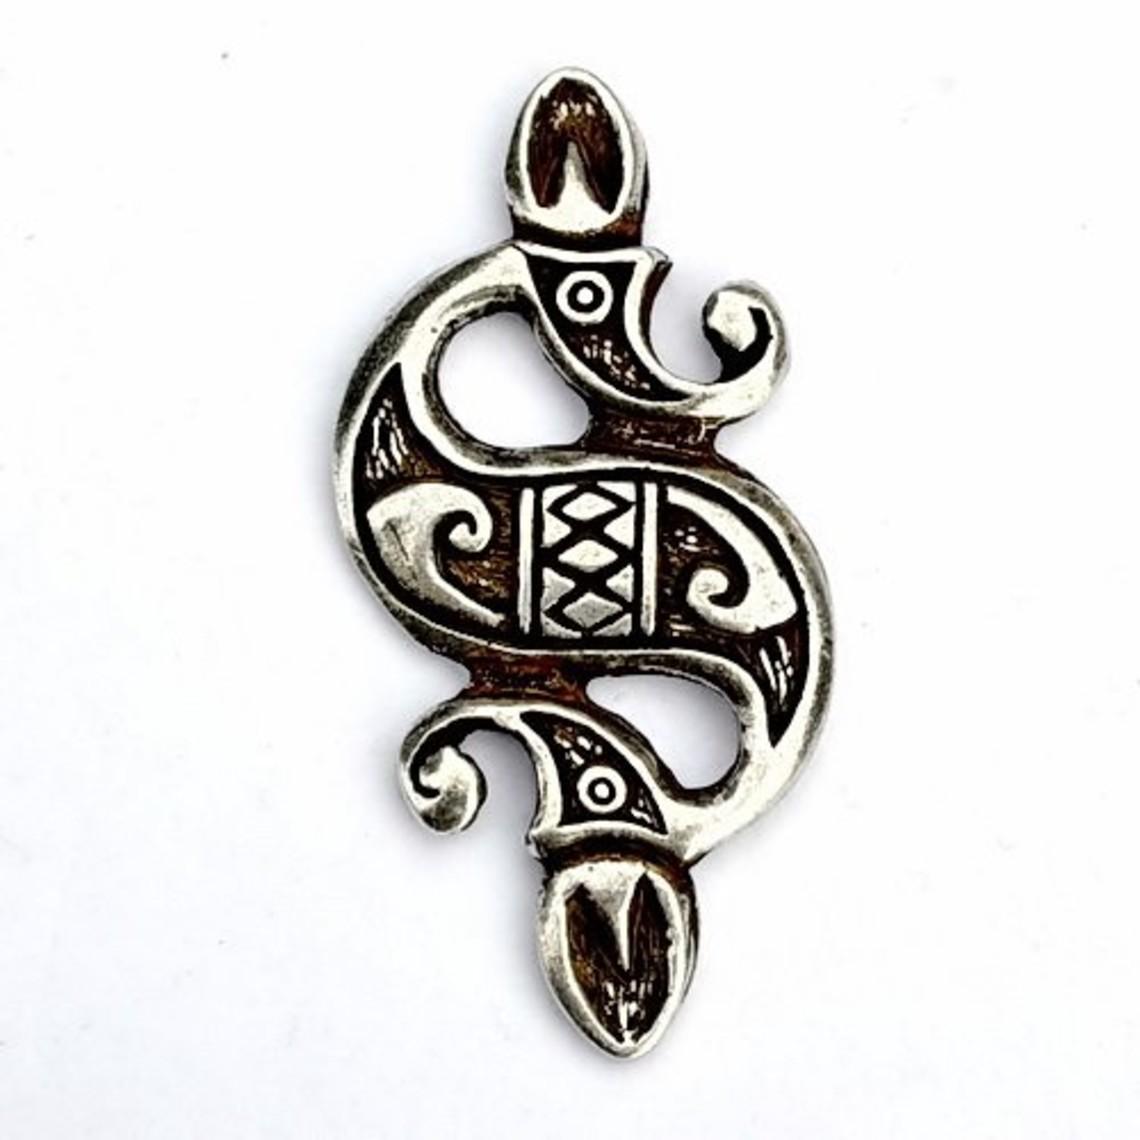 Pendentif celtique de cheval de mer, argentait